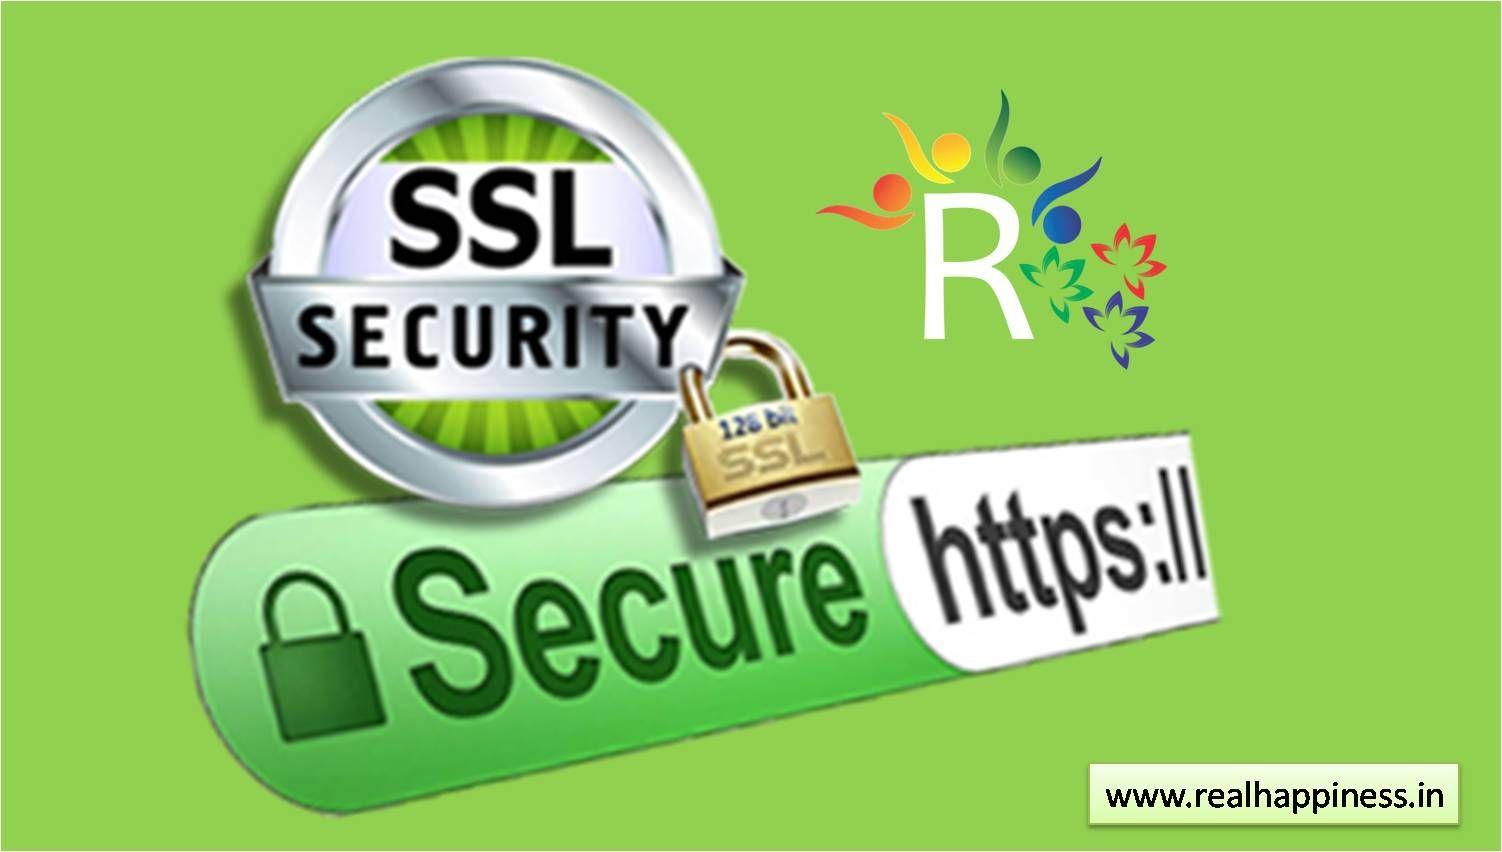 Ssl Certificate Provider In Rishikesh Uttarakhand Get Your Website